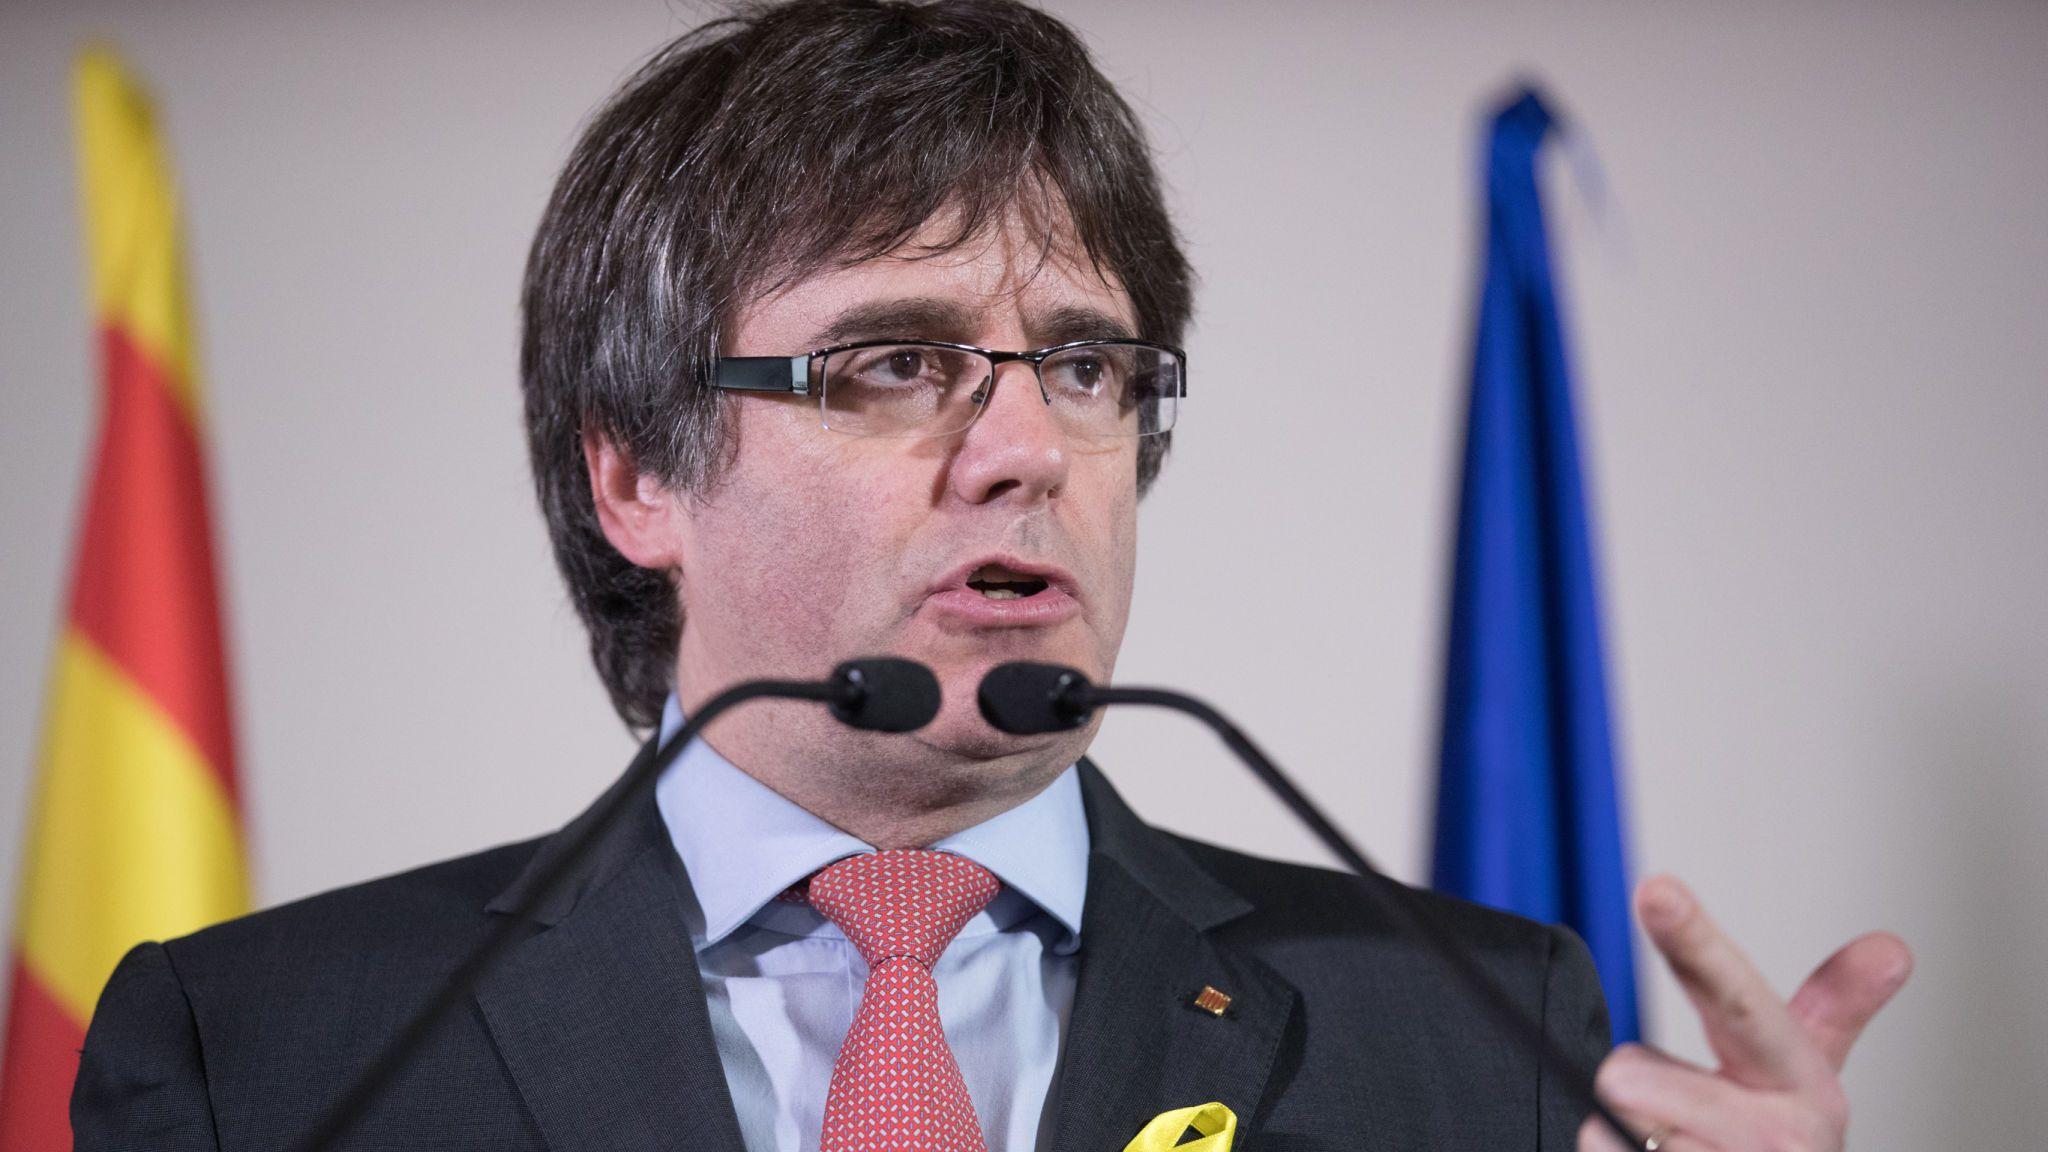 Испания выдала международный ордер на арест Пучдемона